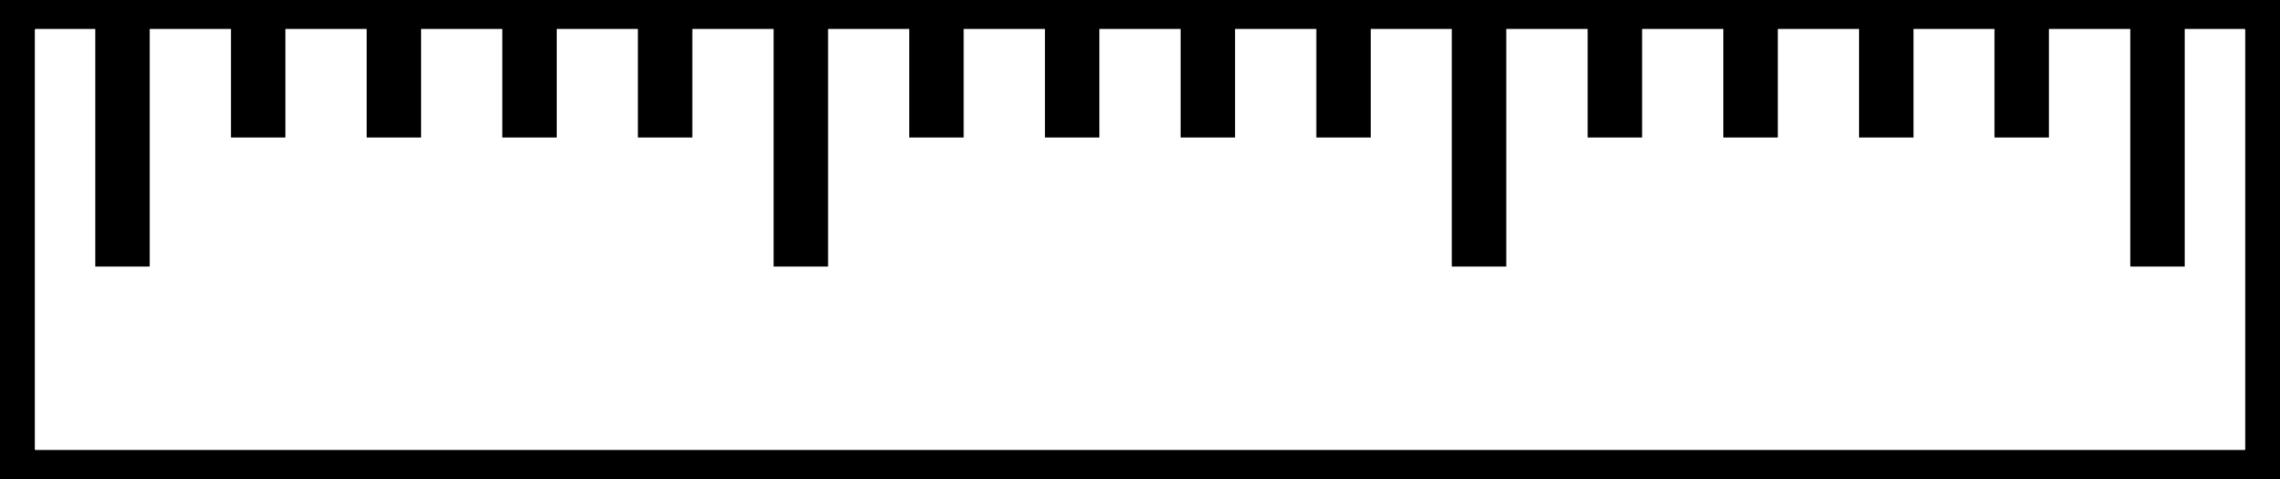 2280x479 Free Centimeter Ruler Clipart